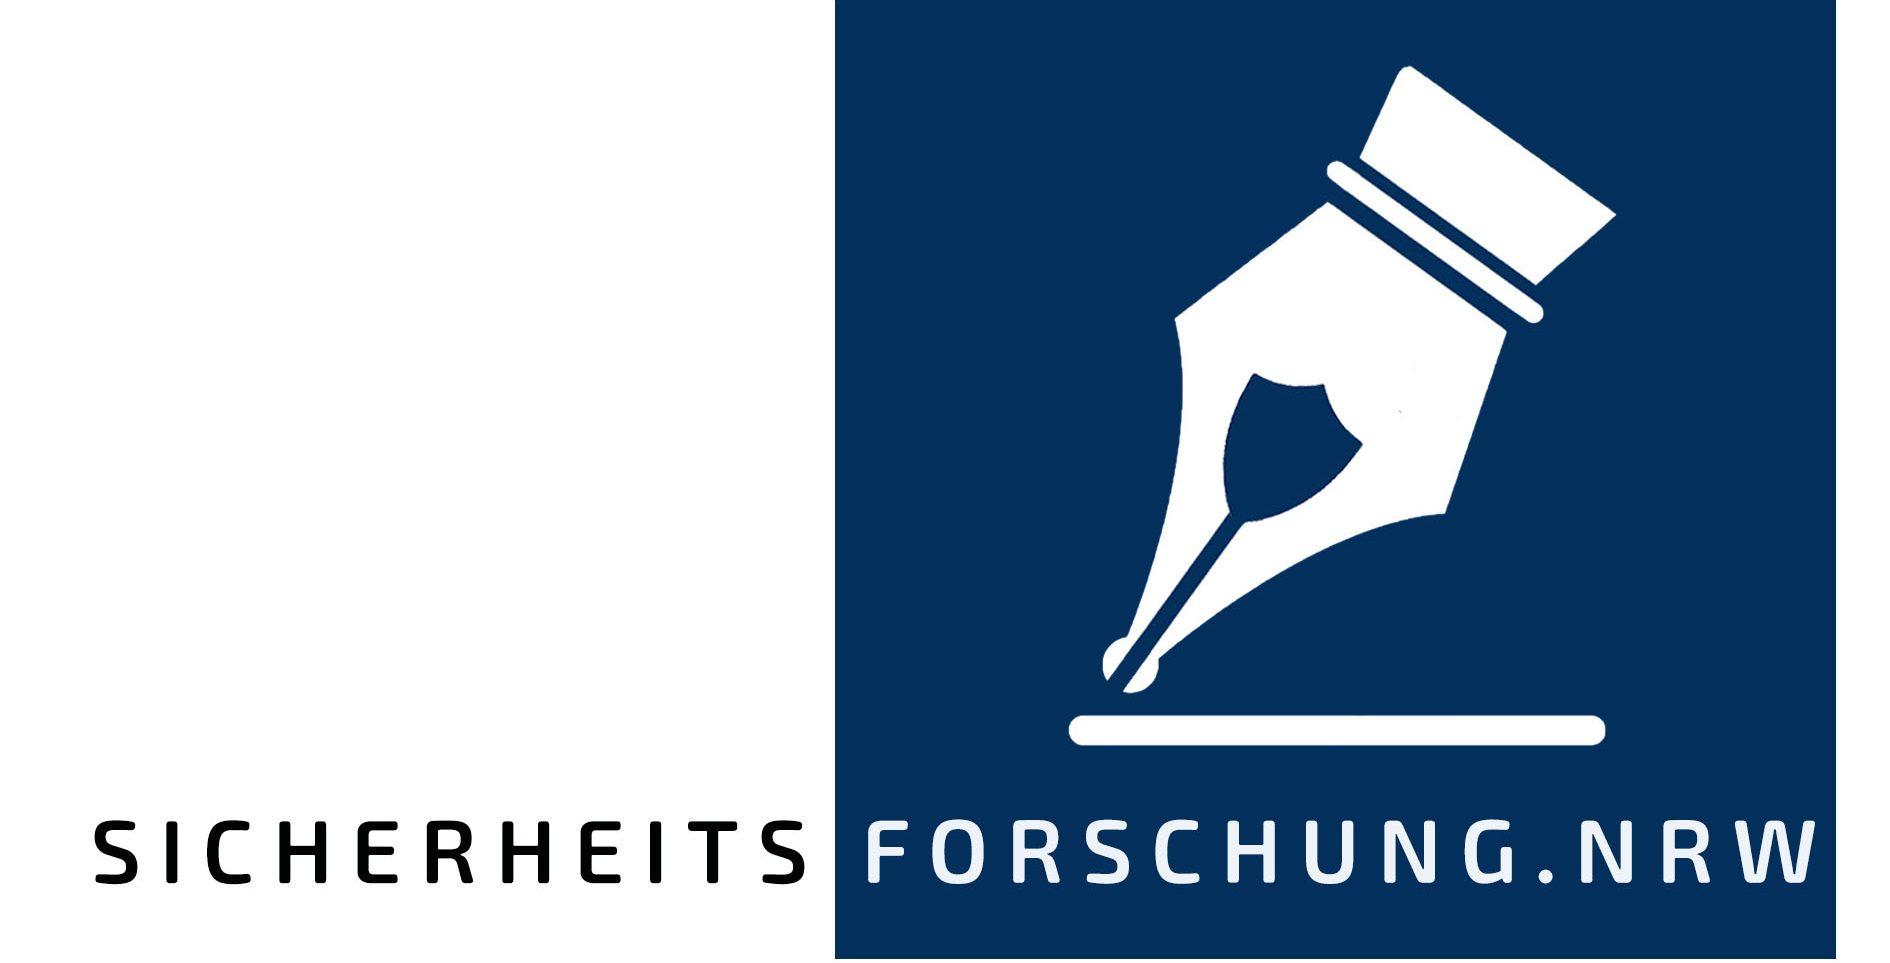 Sicherheitsforschung.NRW